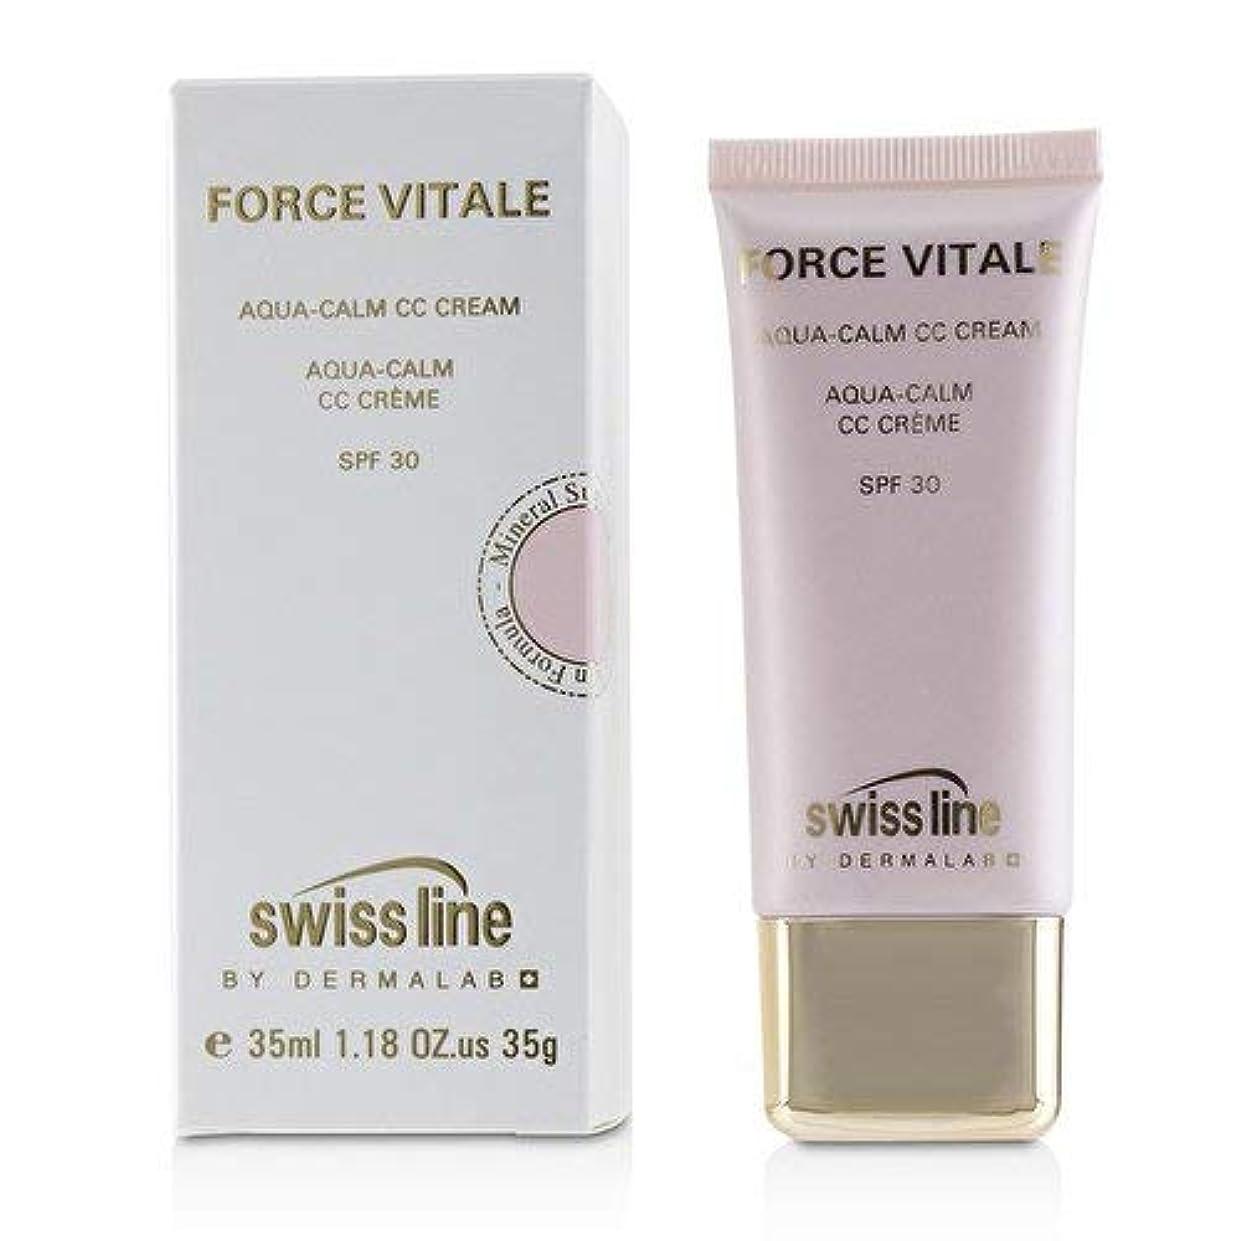 開発する抽象咽頭スイスライン Force Vitale Aqua-Calm CC Cream SPF30 - Beige 10 35ml並行輸入品